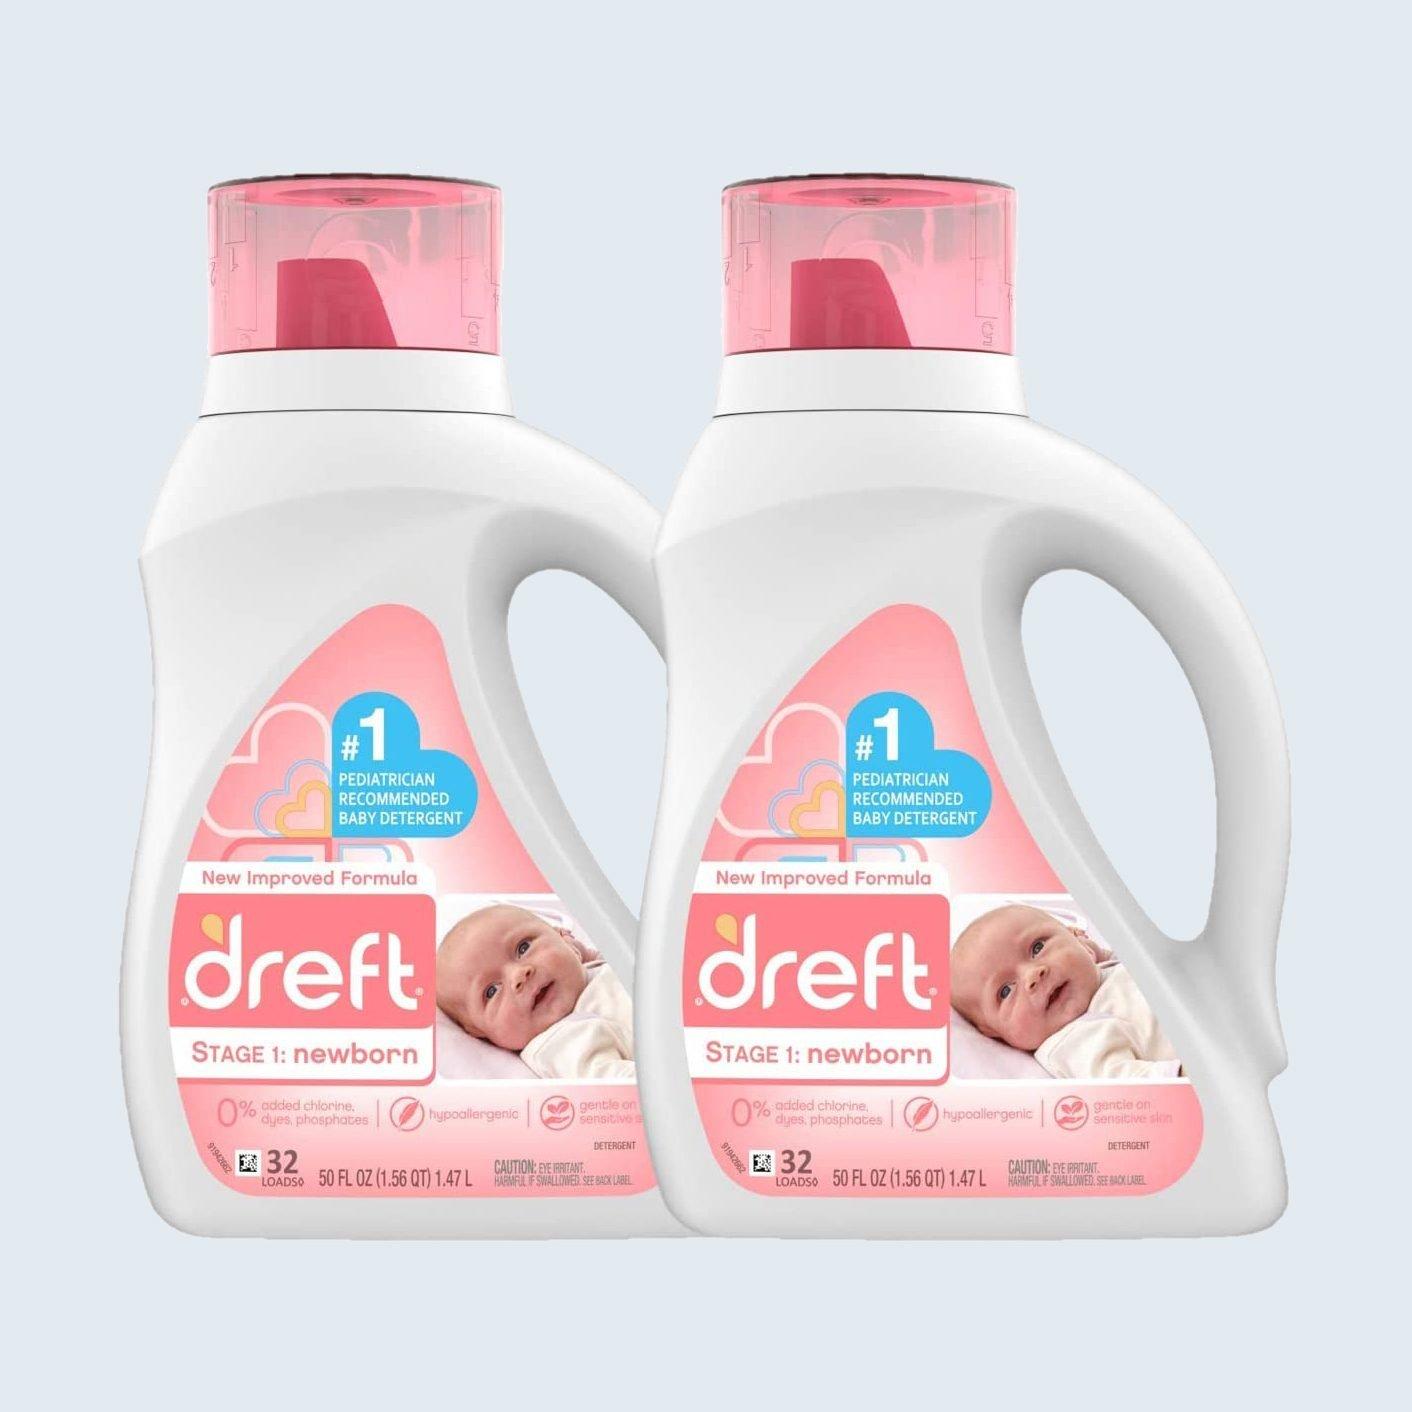 Dreft Stage 1: Newborn Hypoallergenic Liquid Laundry Detergent